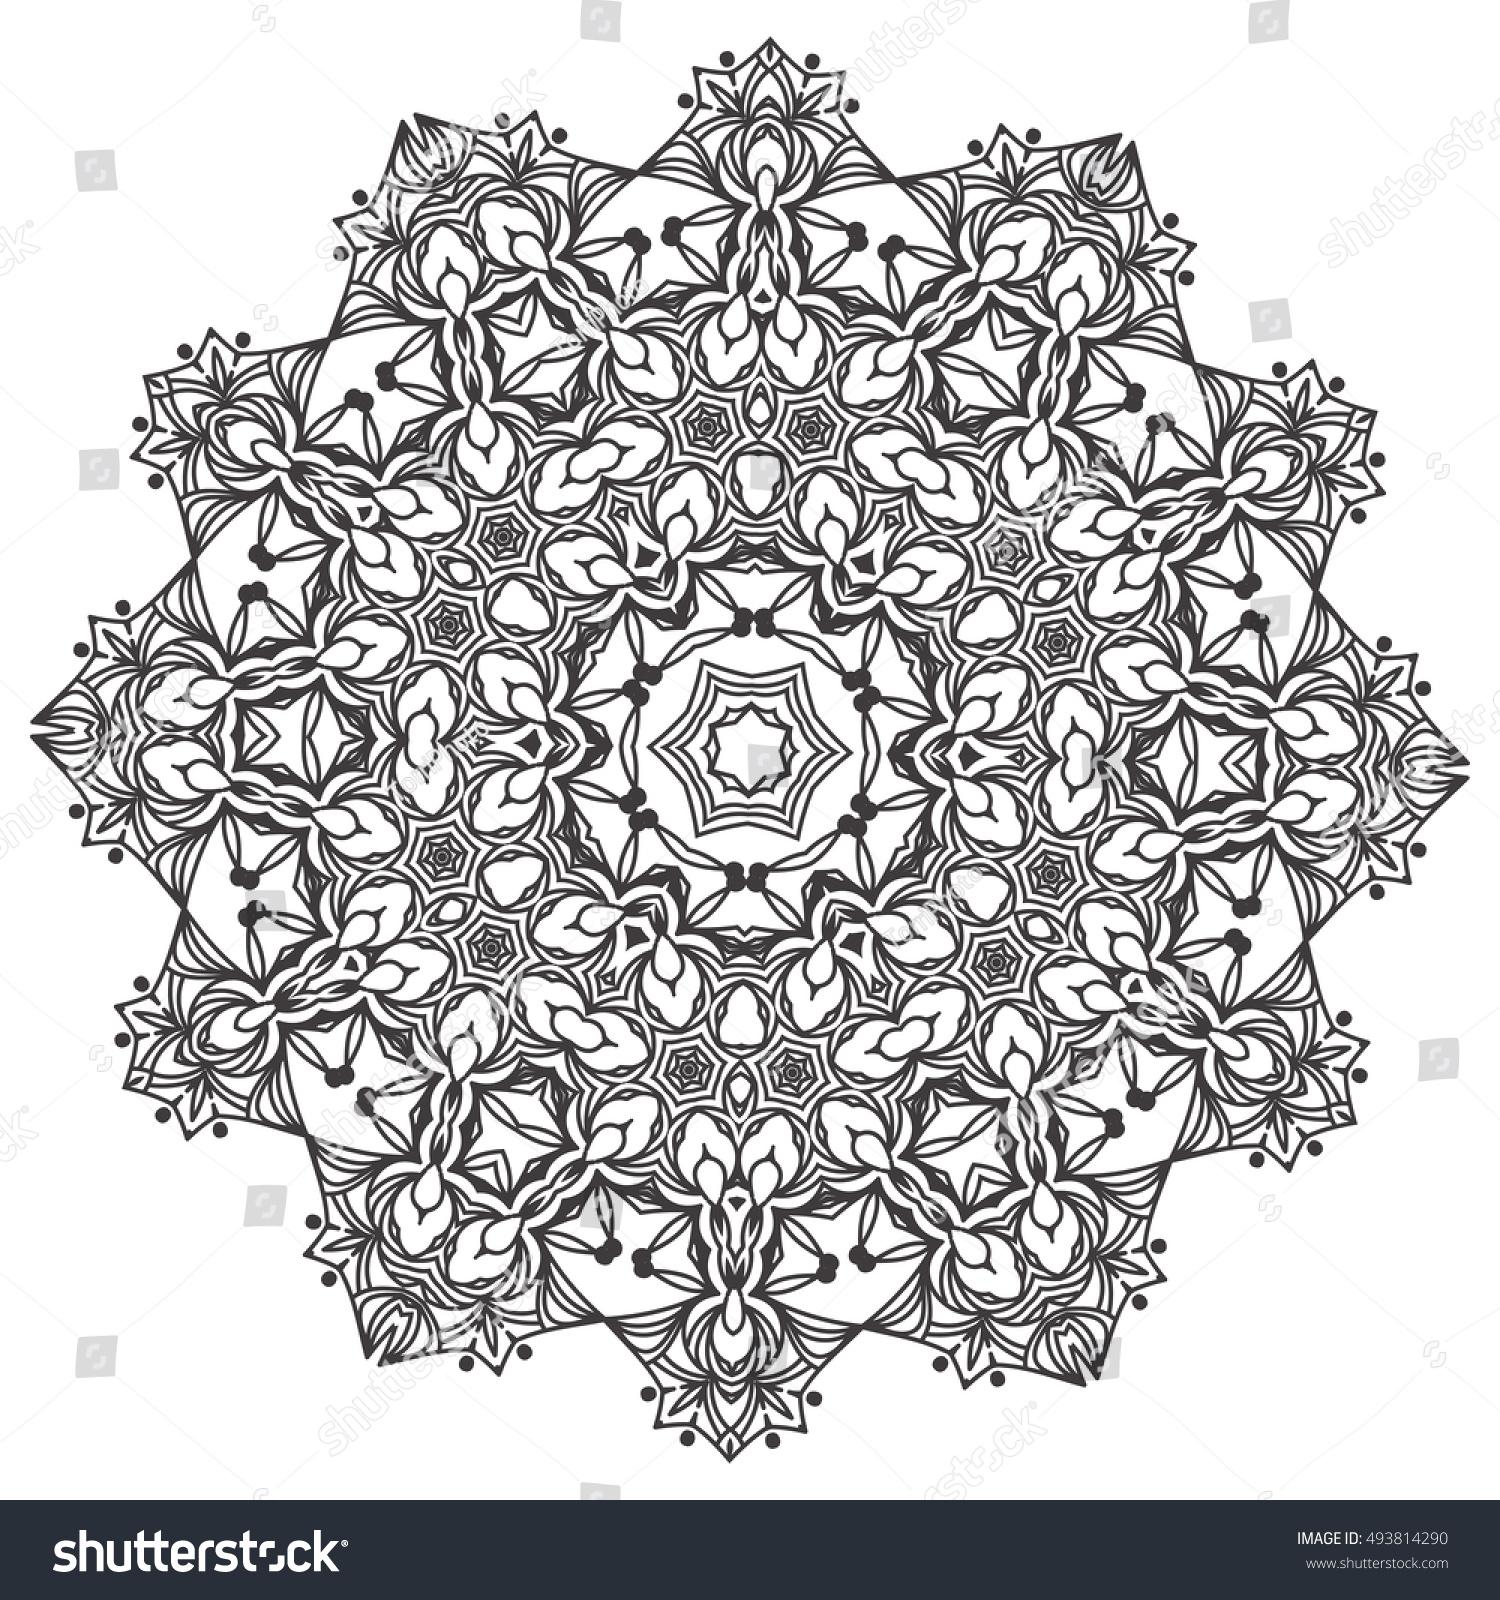 Abstract Lace Snowflake Mandala Ornament Coloring Stock ...